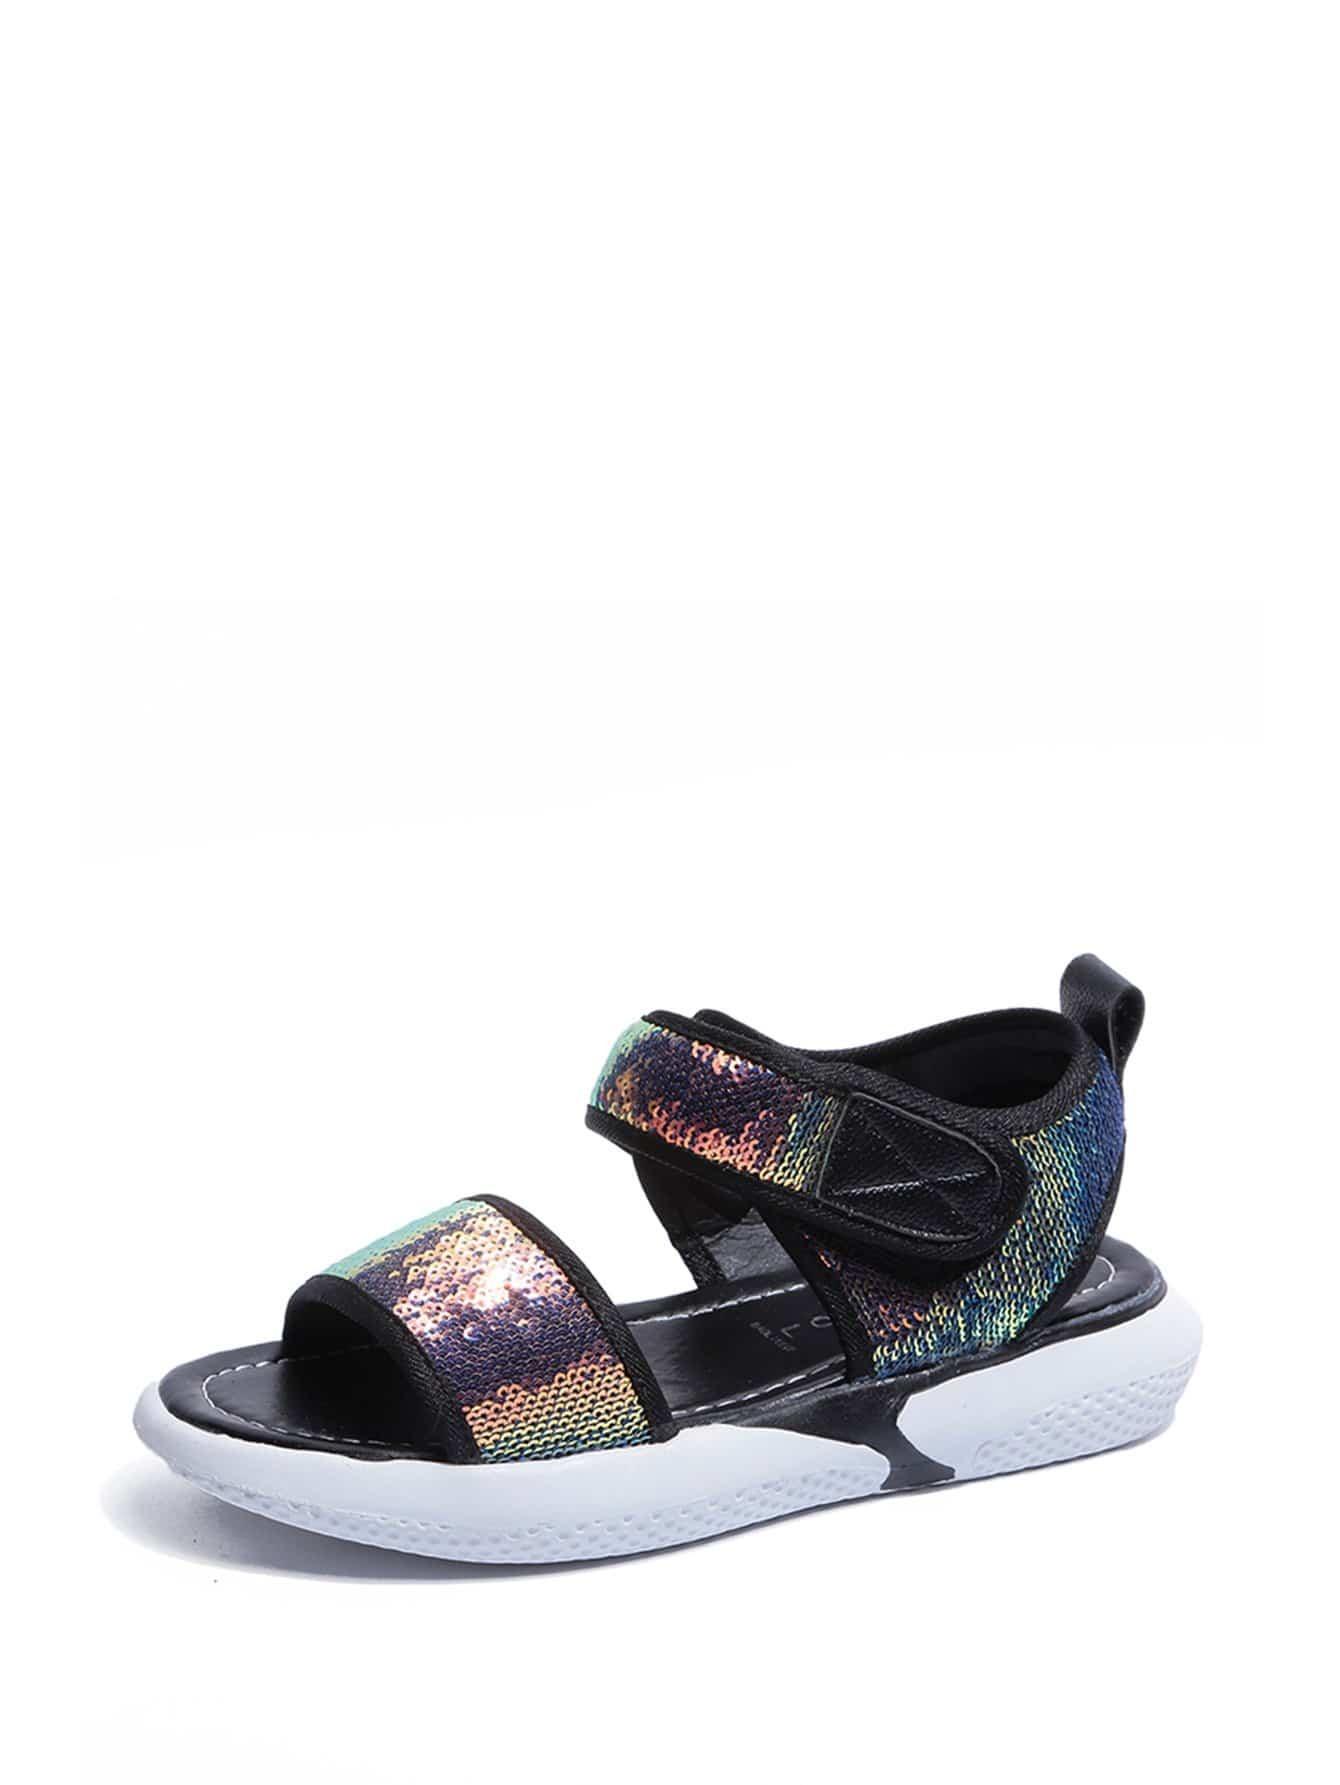 Sequins Decor Velcro Strap Sandals